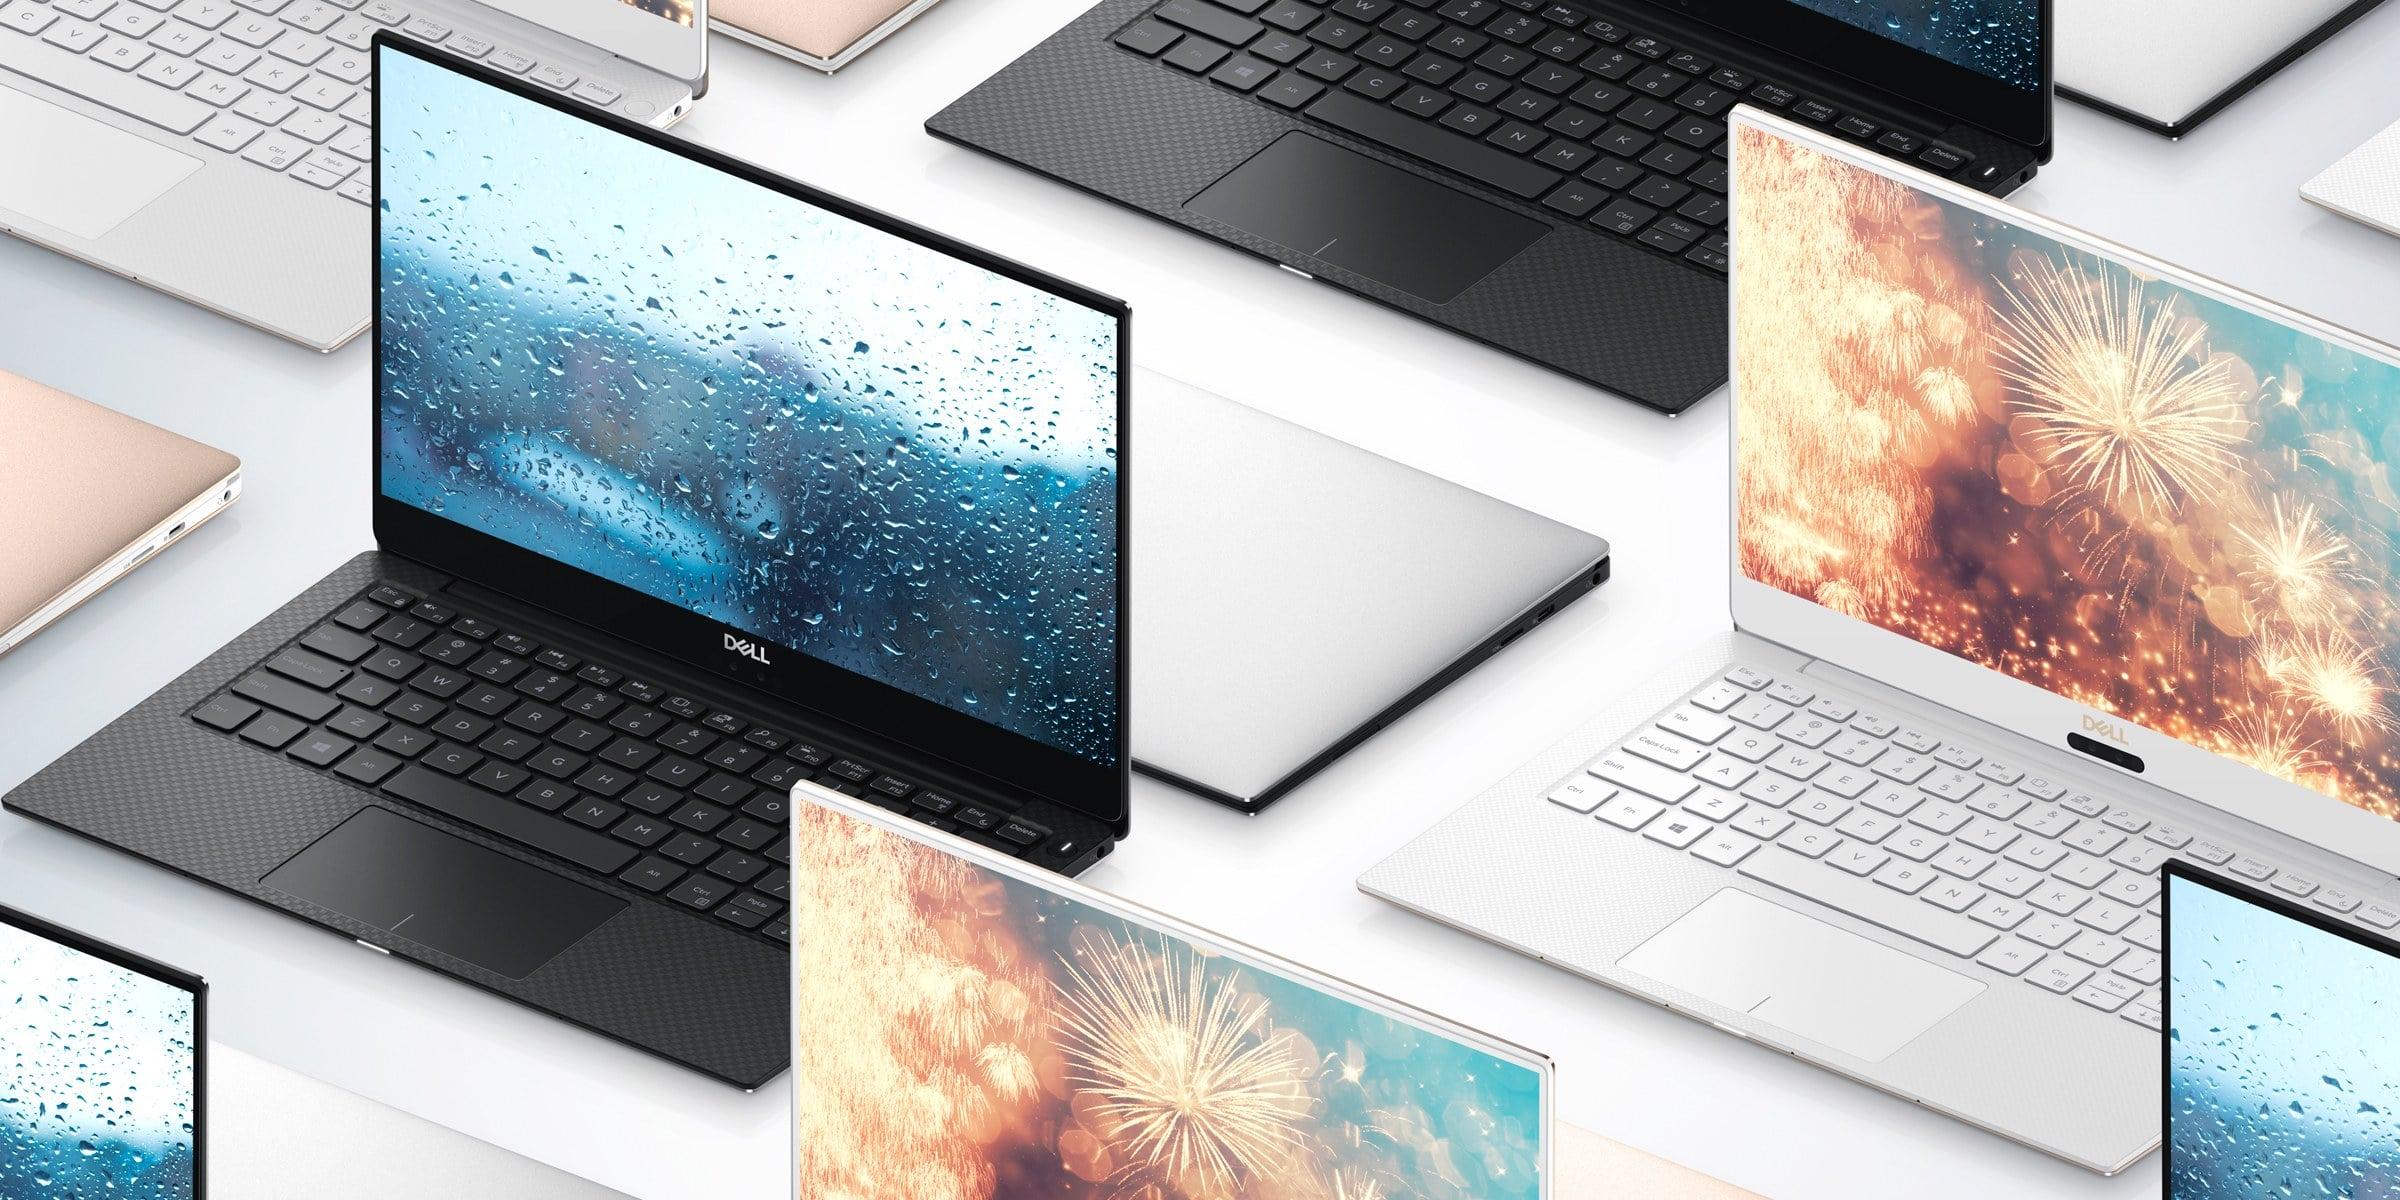 Cyber Monday deals 2019 - Dell XPS 13 Laptop